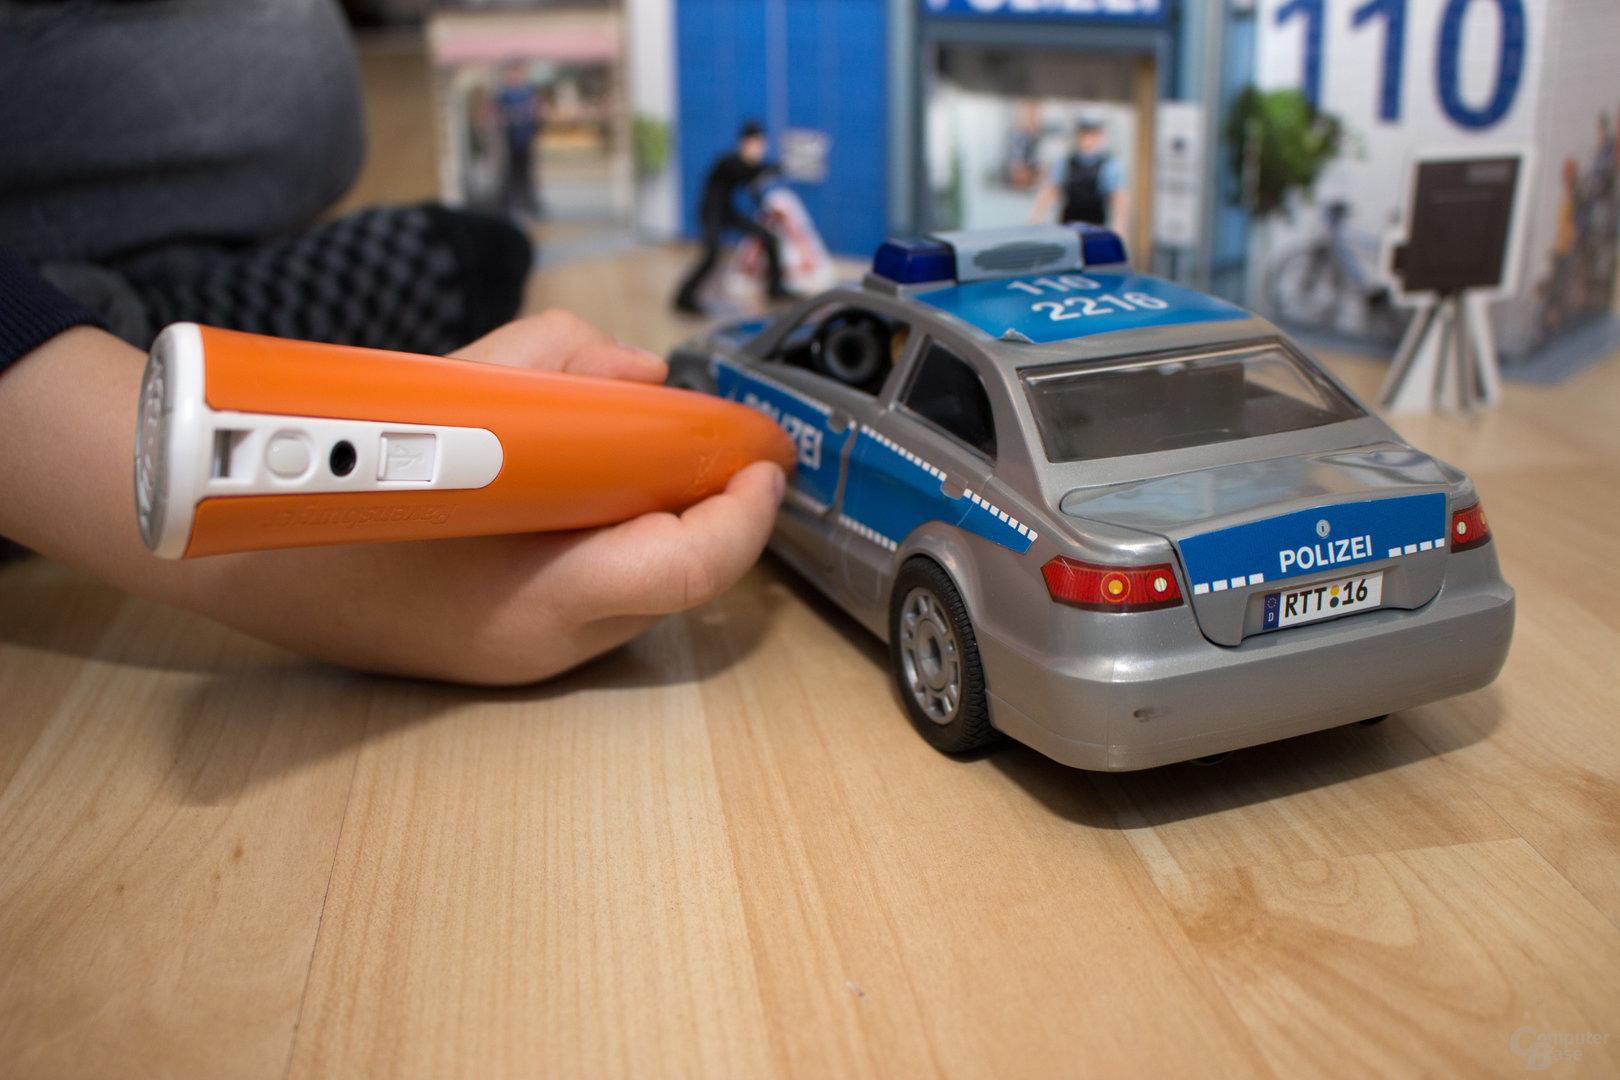 Das Polizeiauto mit viel Wissenswertem